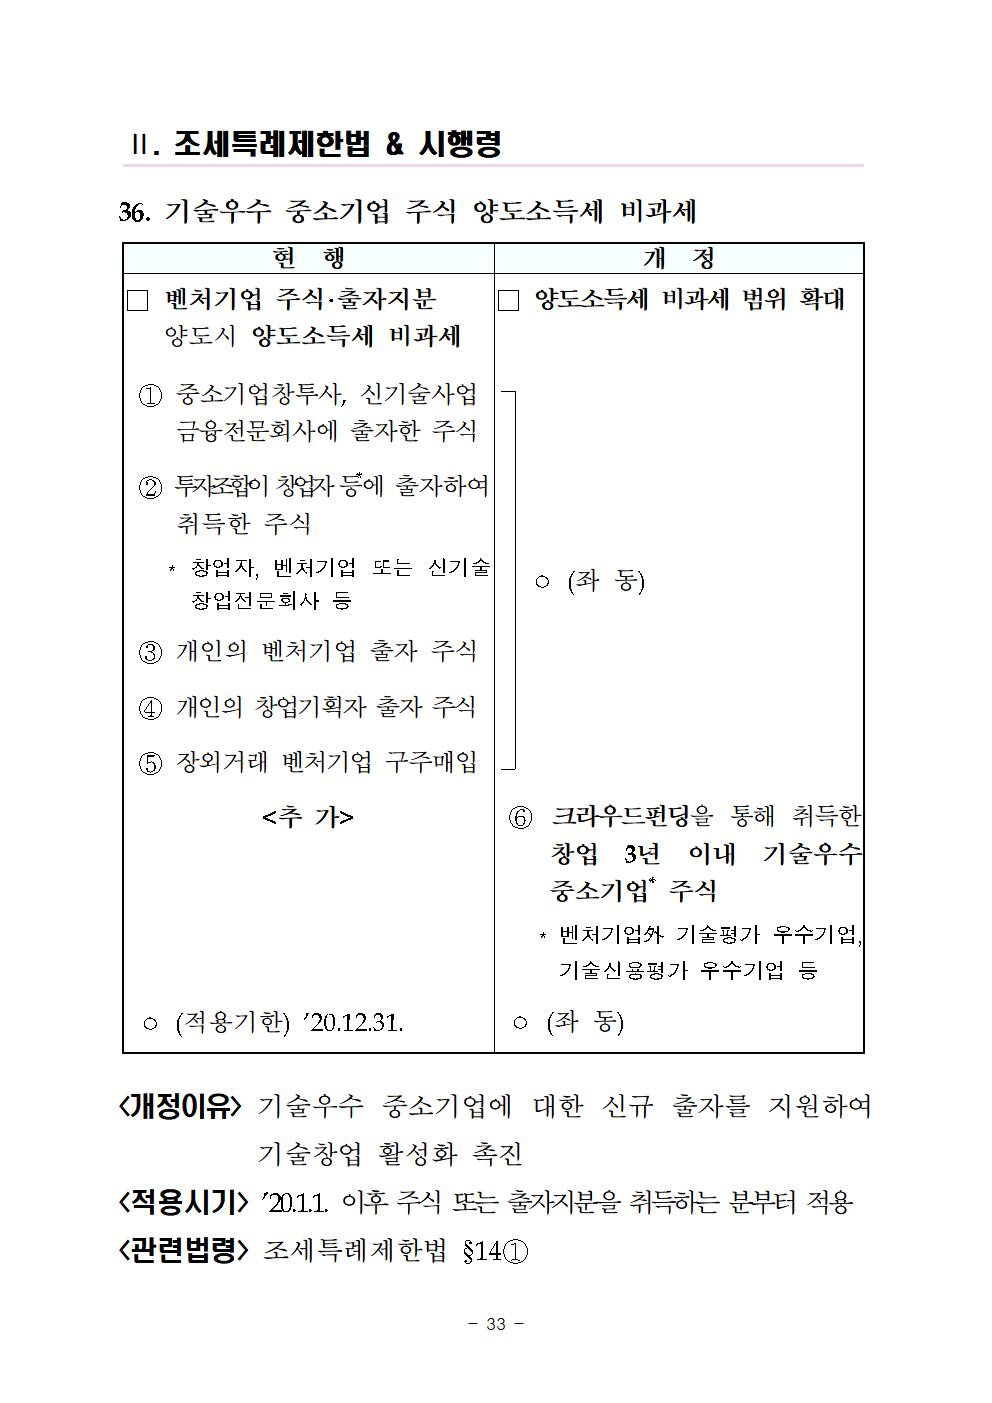 2019년세법개정내용(양도소득세분야)038.png